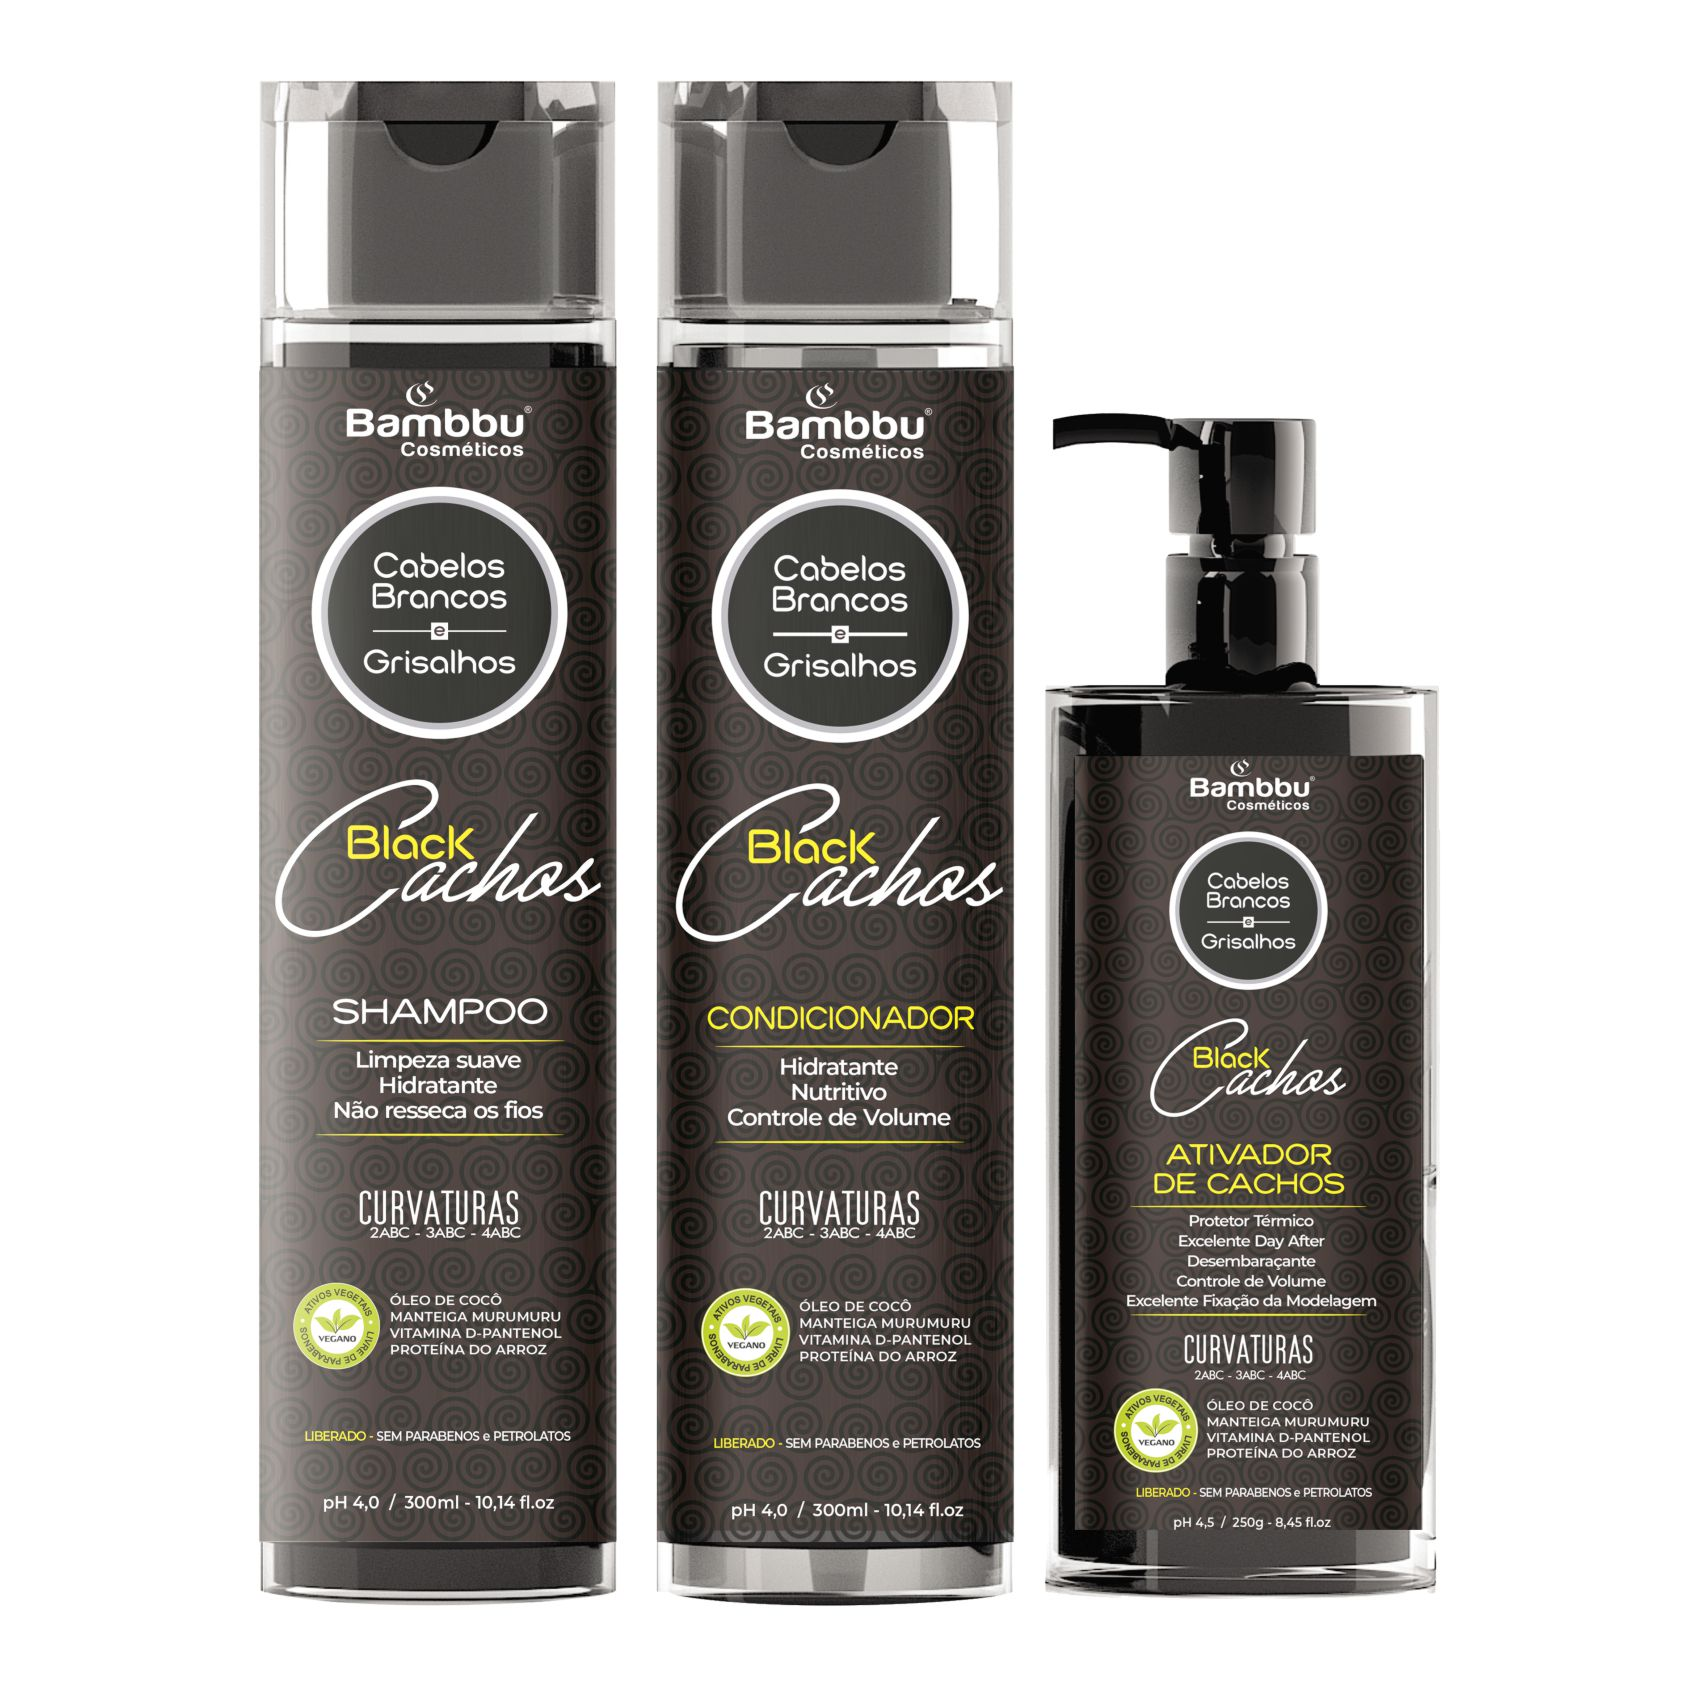 Linha Cachos - Black Desamarelador - Shampoo, Condicionador e Ativador de Cachos (3 passos) para Cabelos Crespos e Cacheados Grisalhos